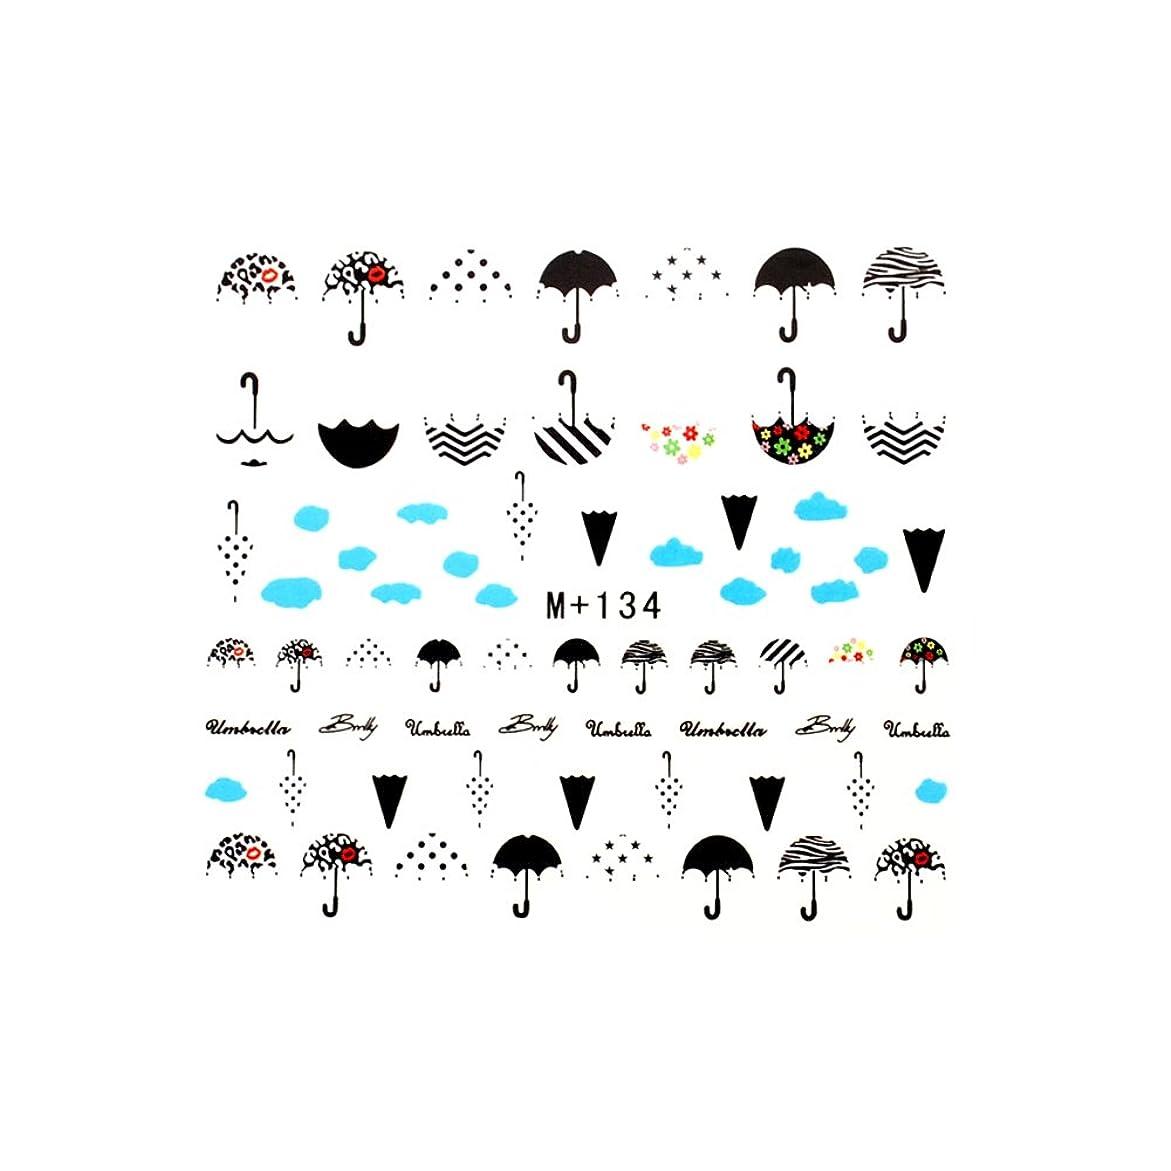 一方、取り壊す誠実アンブレラネイルシール【M+134】 ネイルシール ウォーターネイルシール アンブレラ レイン 傘 雨 雲 天気 ネイルアート ジェルネイル